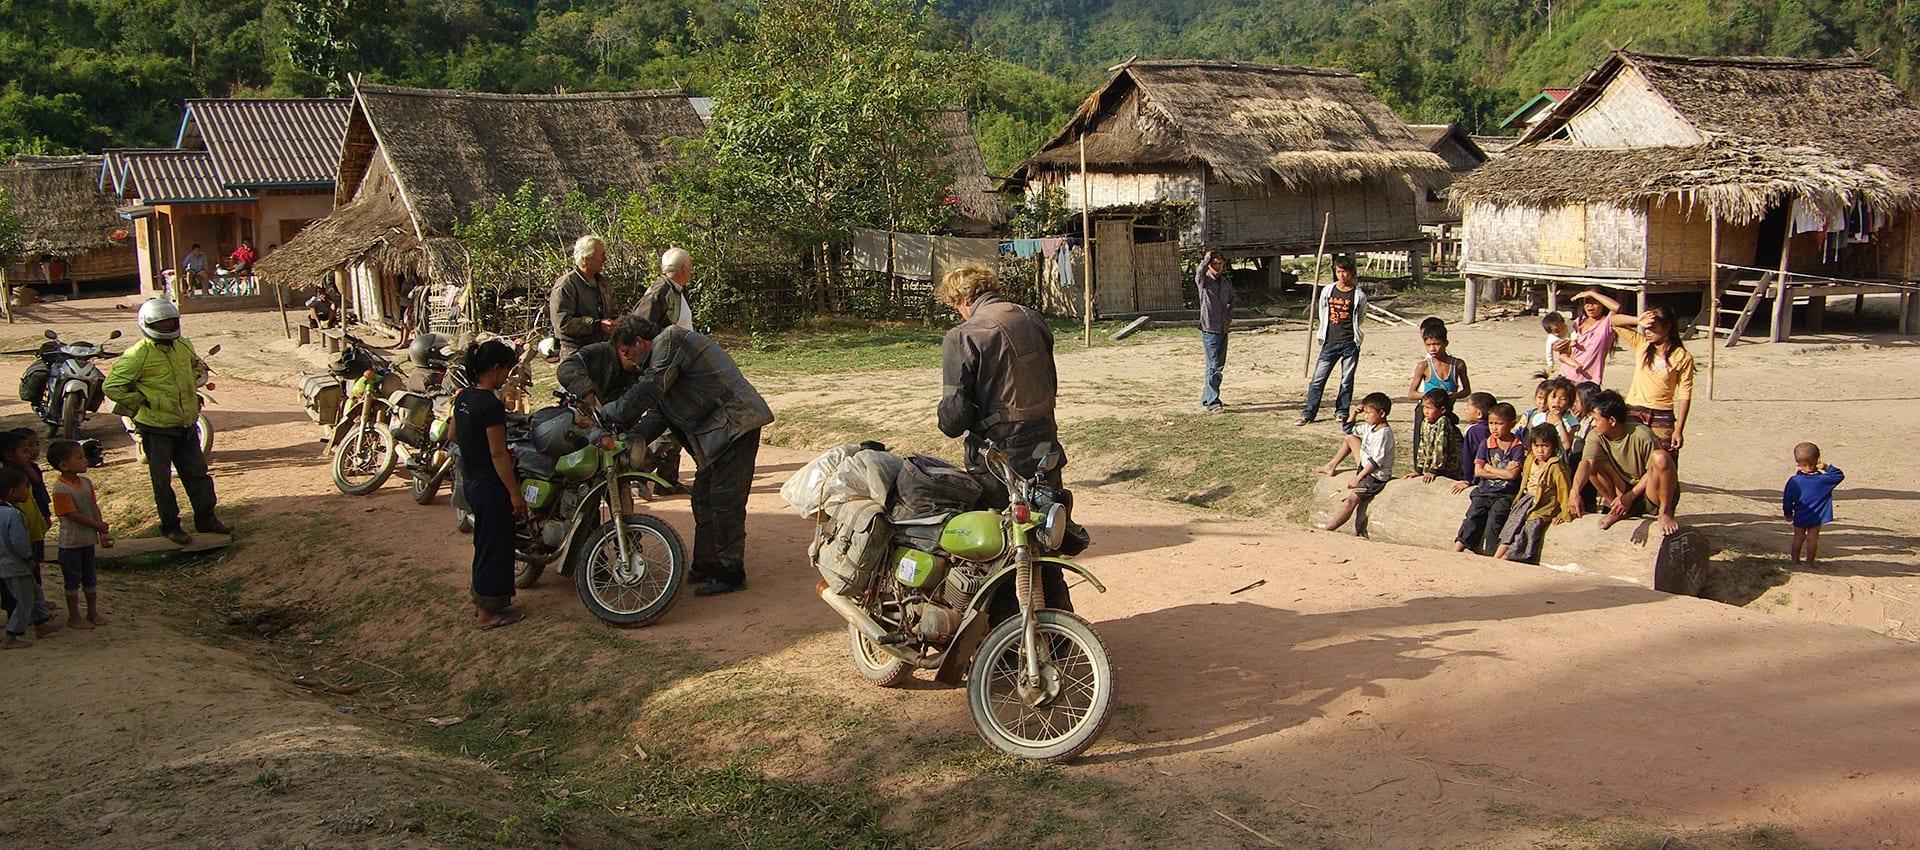 Download de gratis brochure van de avontuurlijke motorreis door laos-Vietnam.